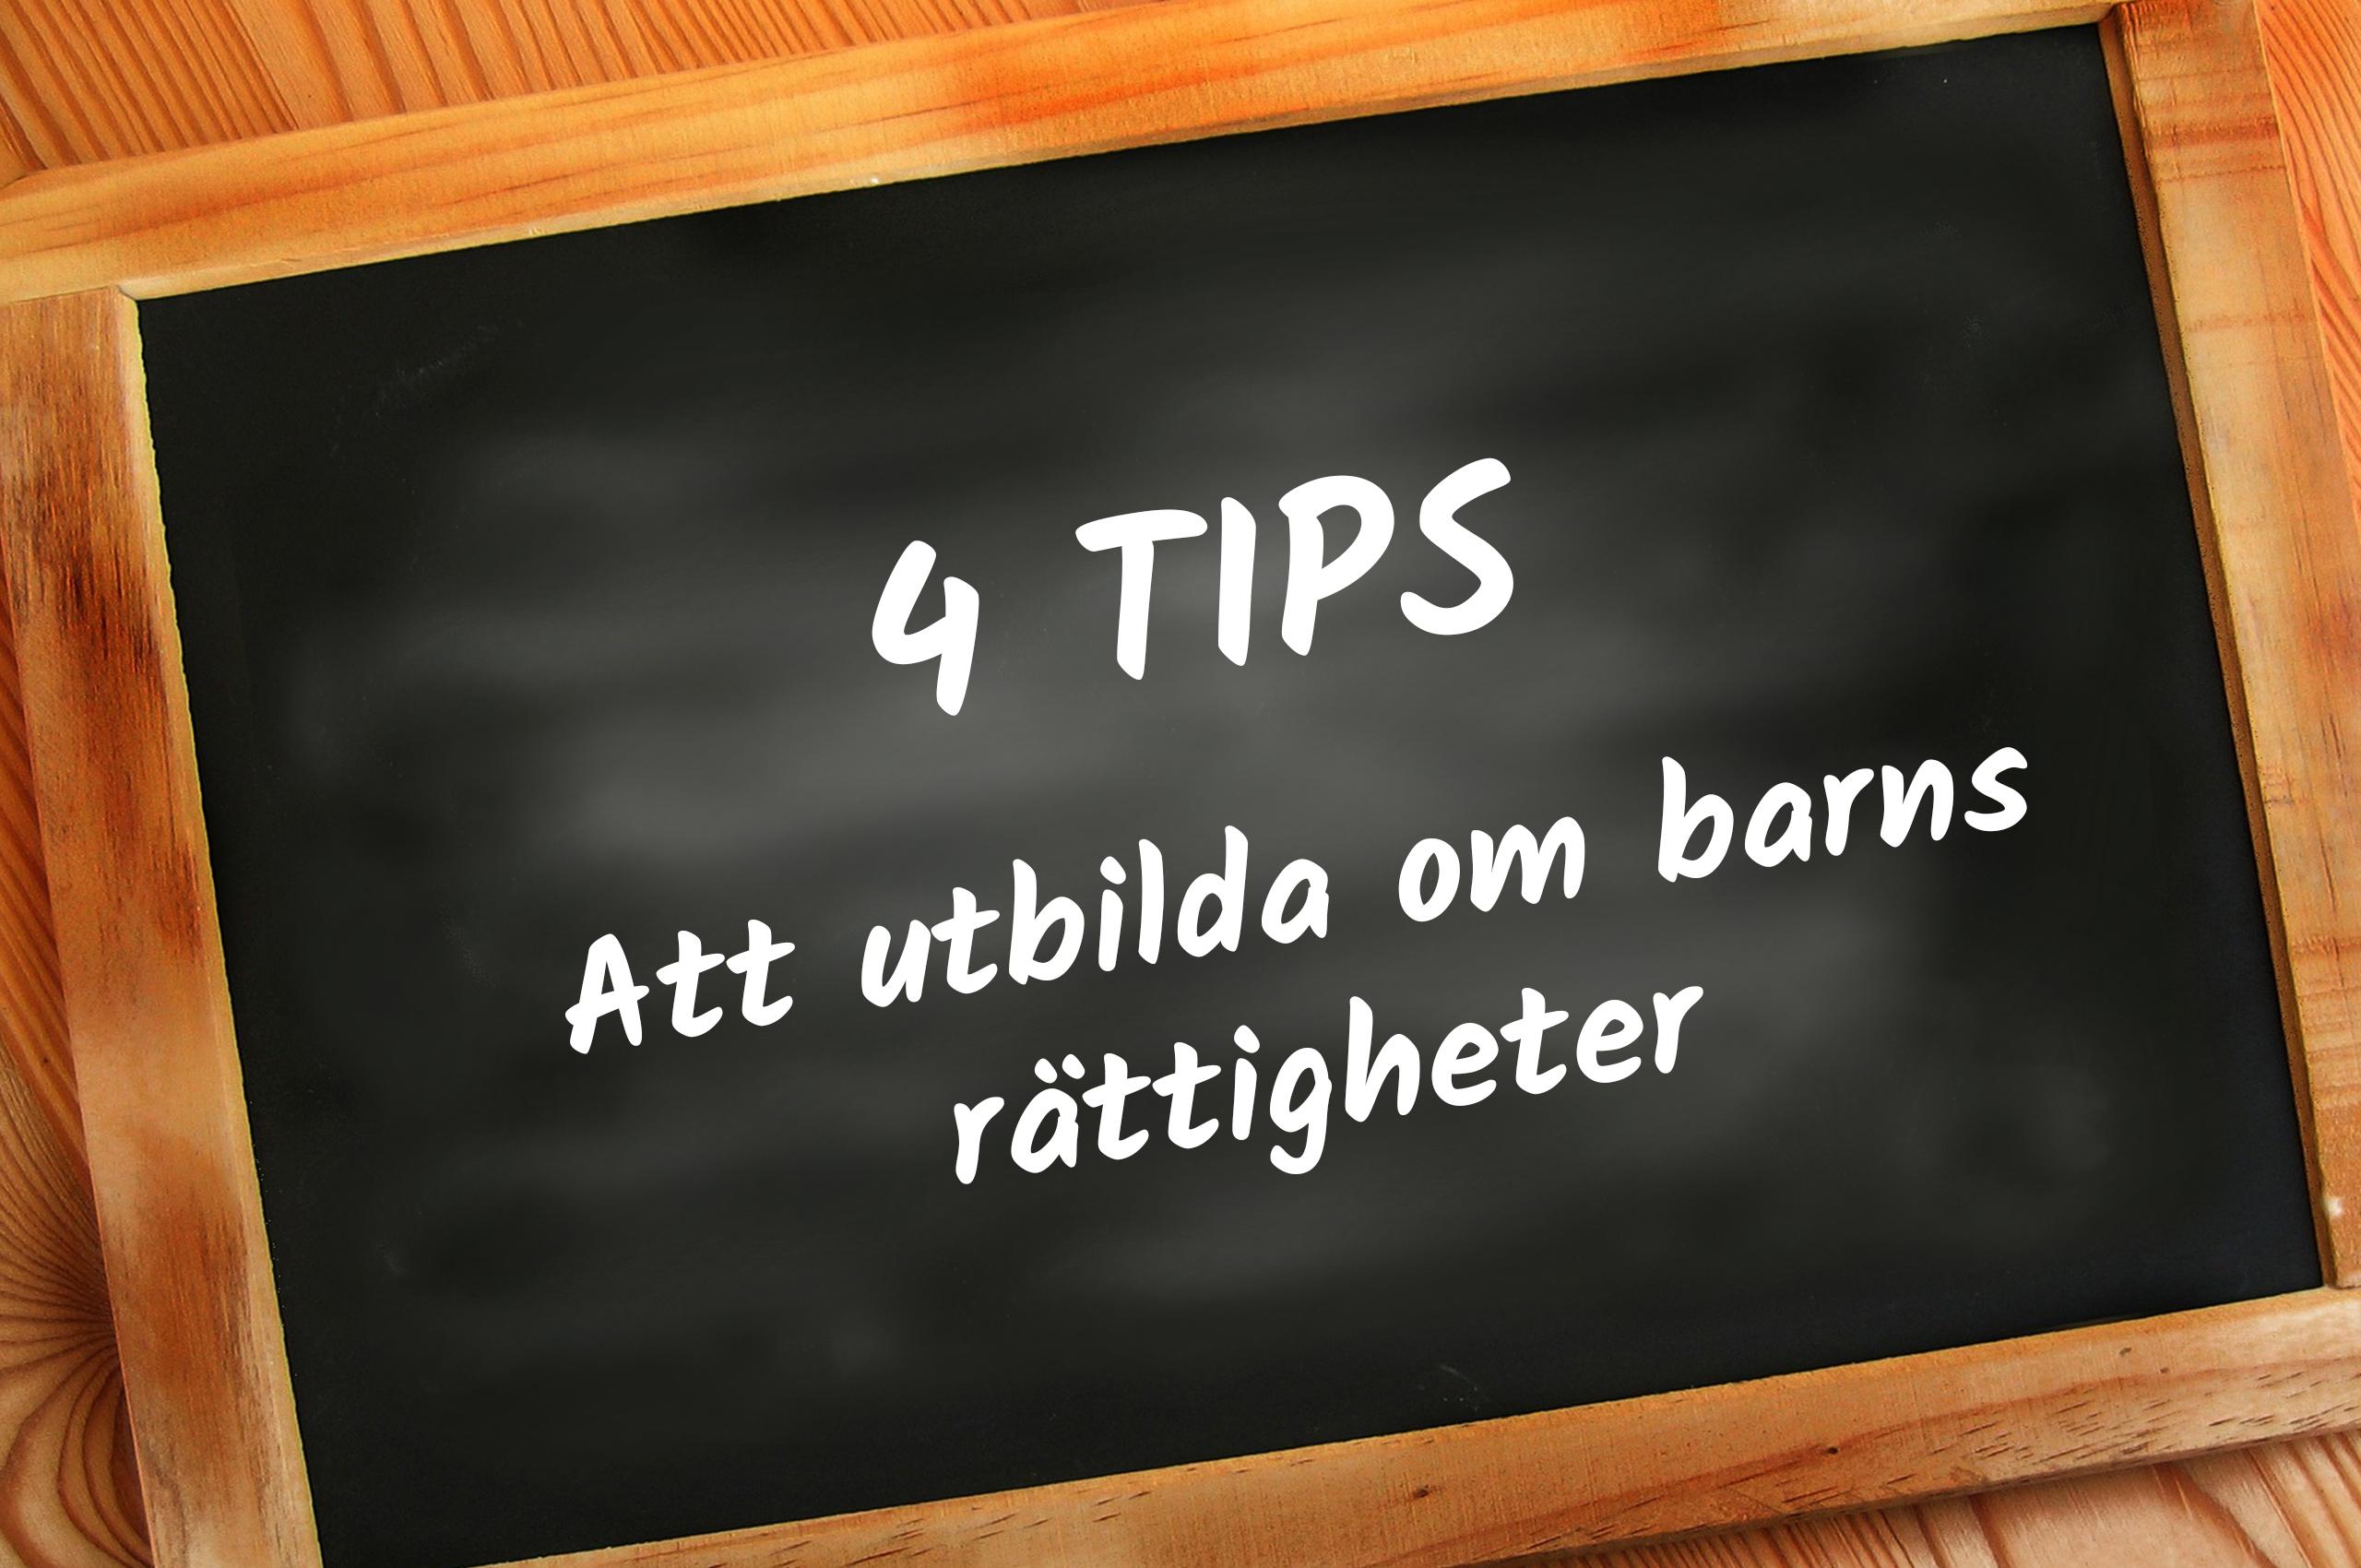 4 tips! Att utbilda om barns rättigheter